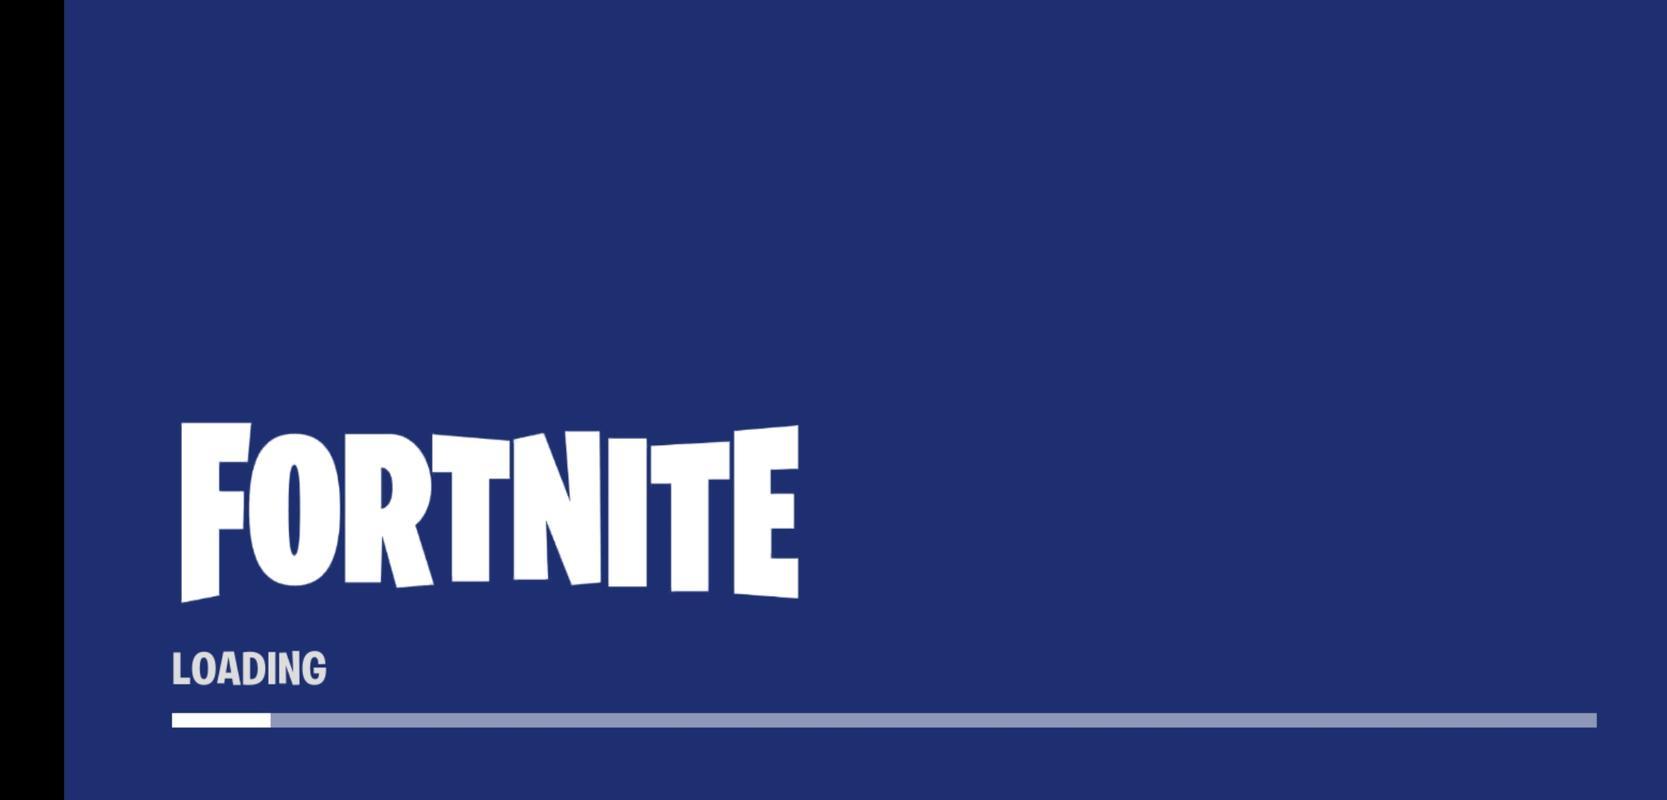 fortnite battle royale screenshot 2 - fortnite official apk free download